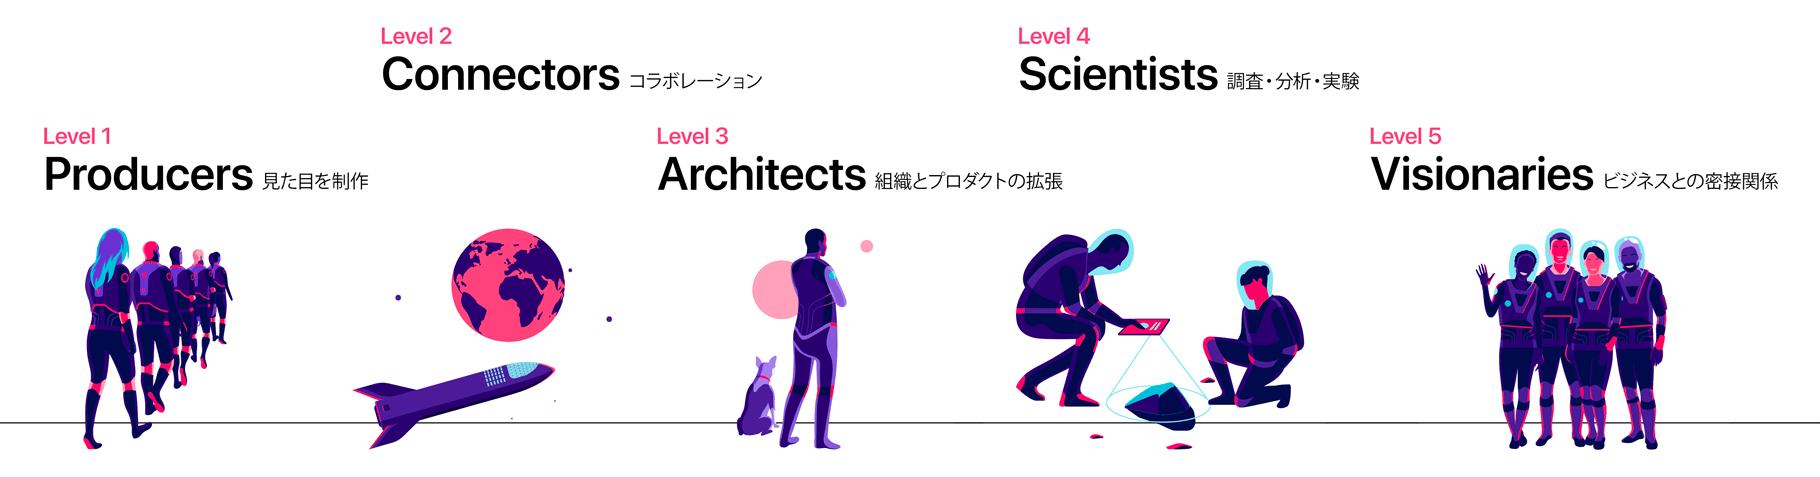 プロダクトやチームの成熟を表した図: 5段階のレベルで表現している